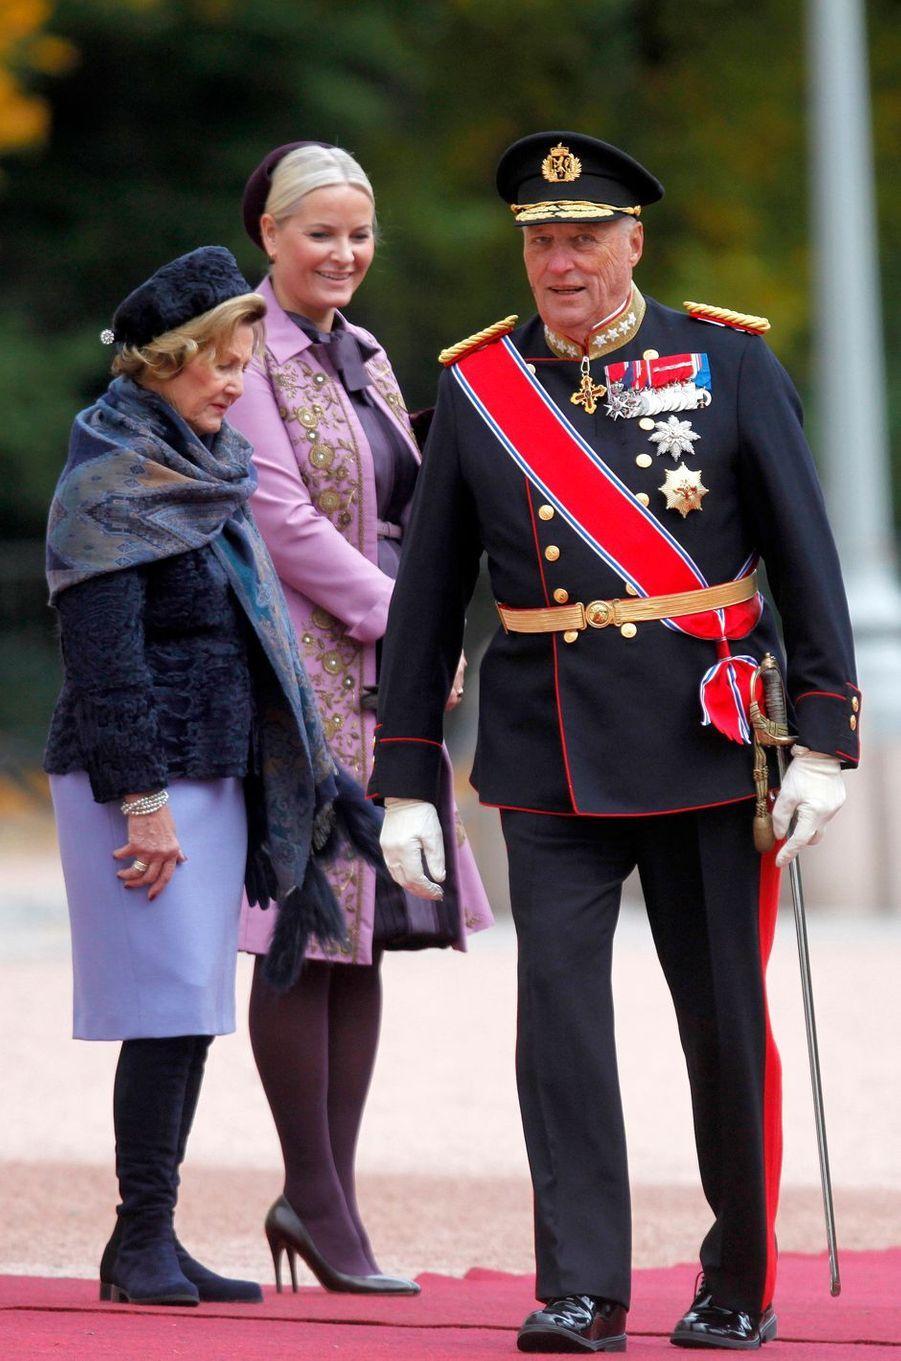 La princesse Mette-Marit avec la reine Sonja et le roi Harald V de Norvège à Oslo, le 10 octobre 2016